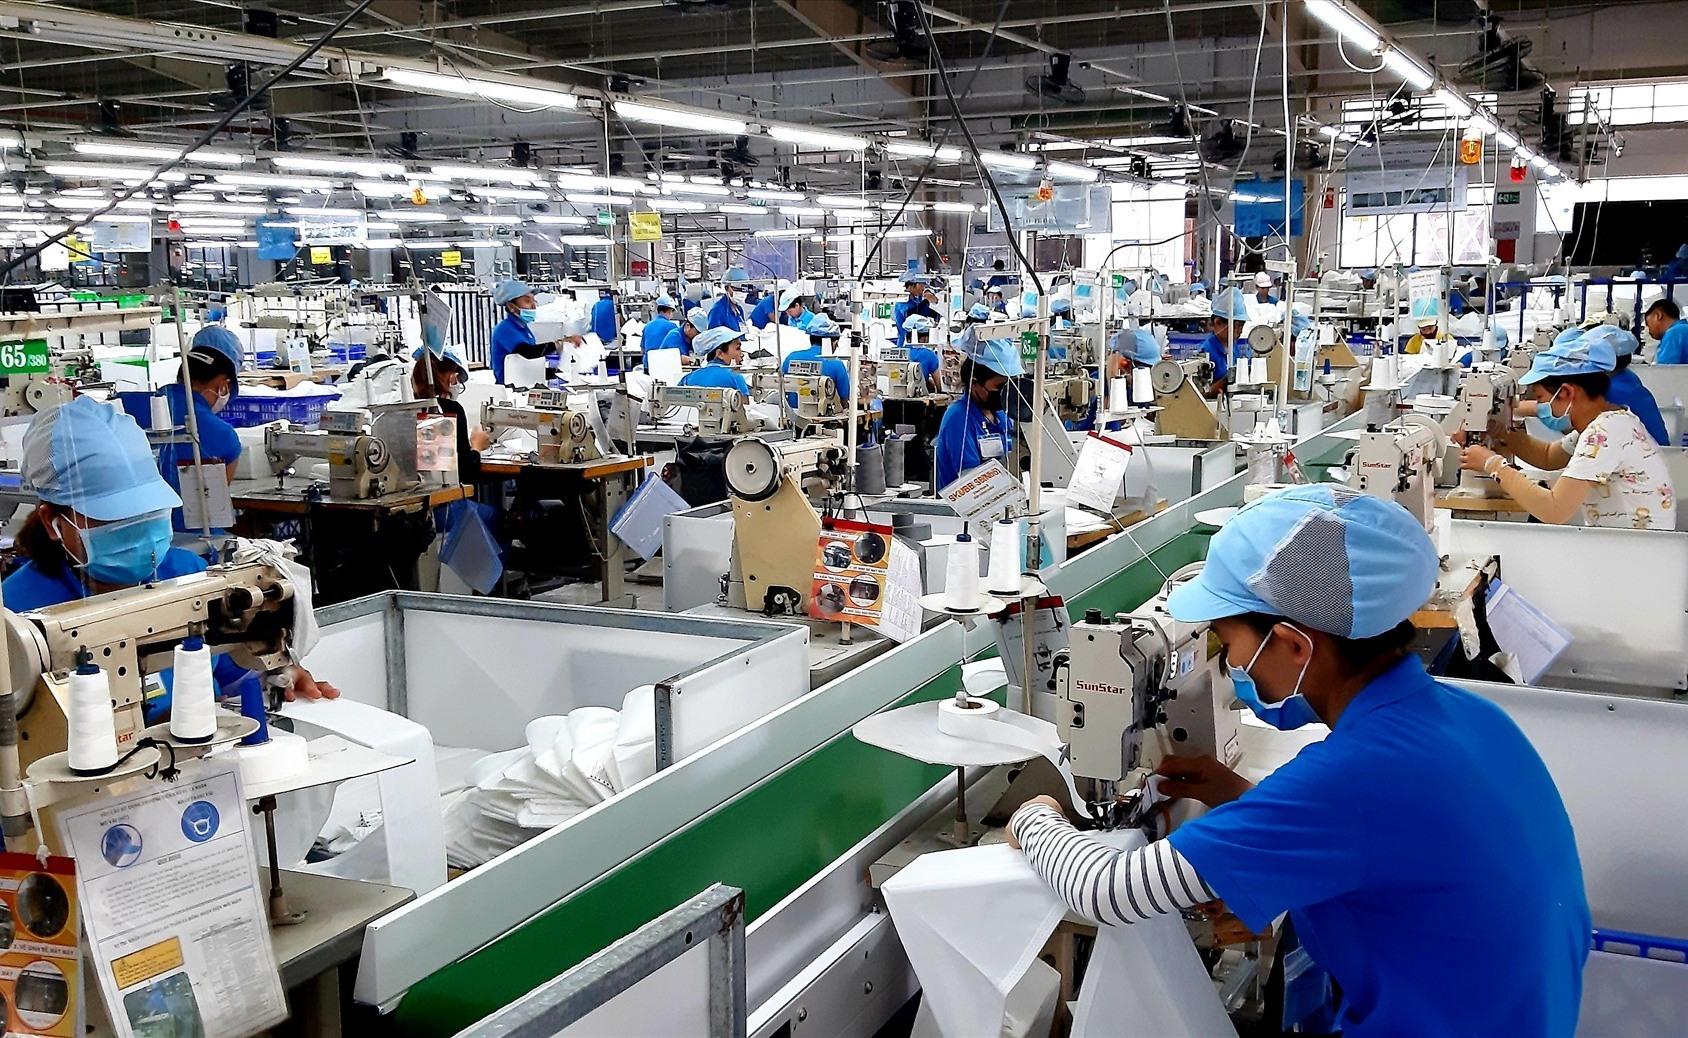 Mặc dù gặp nhiều khó khăn do ảnh hưởng dịch bệnh Covid-19 nhưng hoạt động sản xuất công nghiệp - tiểu thủ công nghiệp của Duy Xuyên vẫn có bước phát triển tốt. Ảnh: T.S